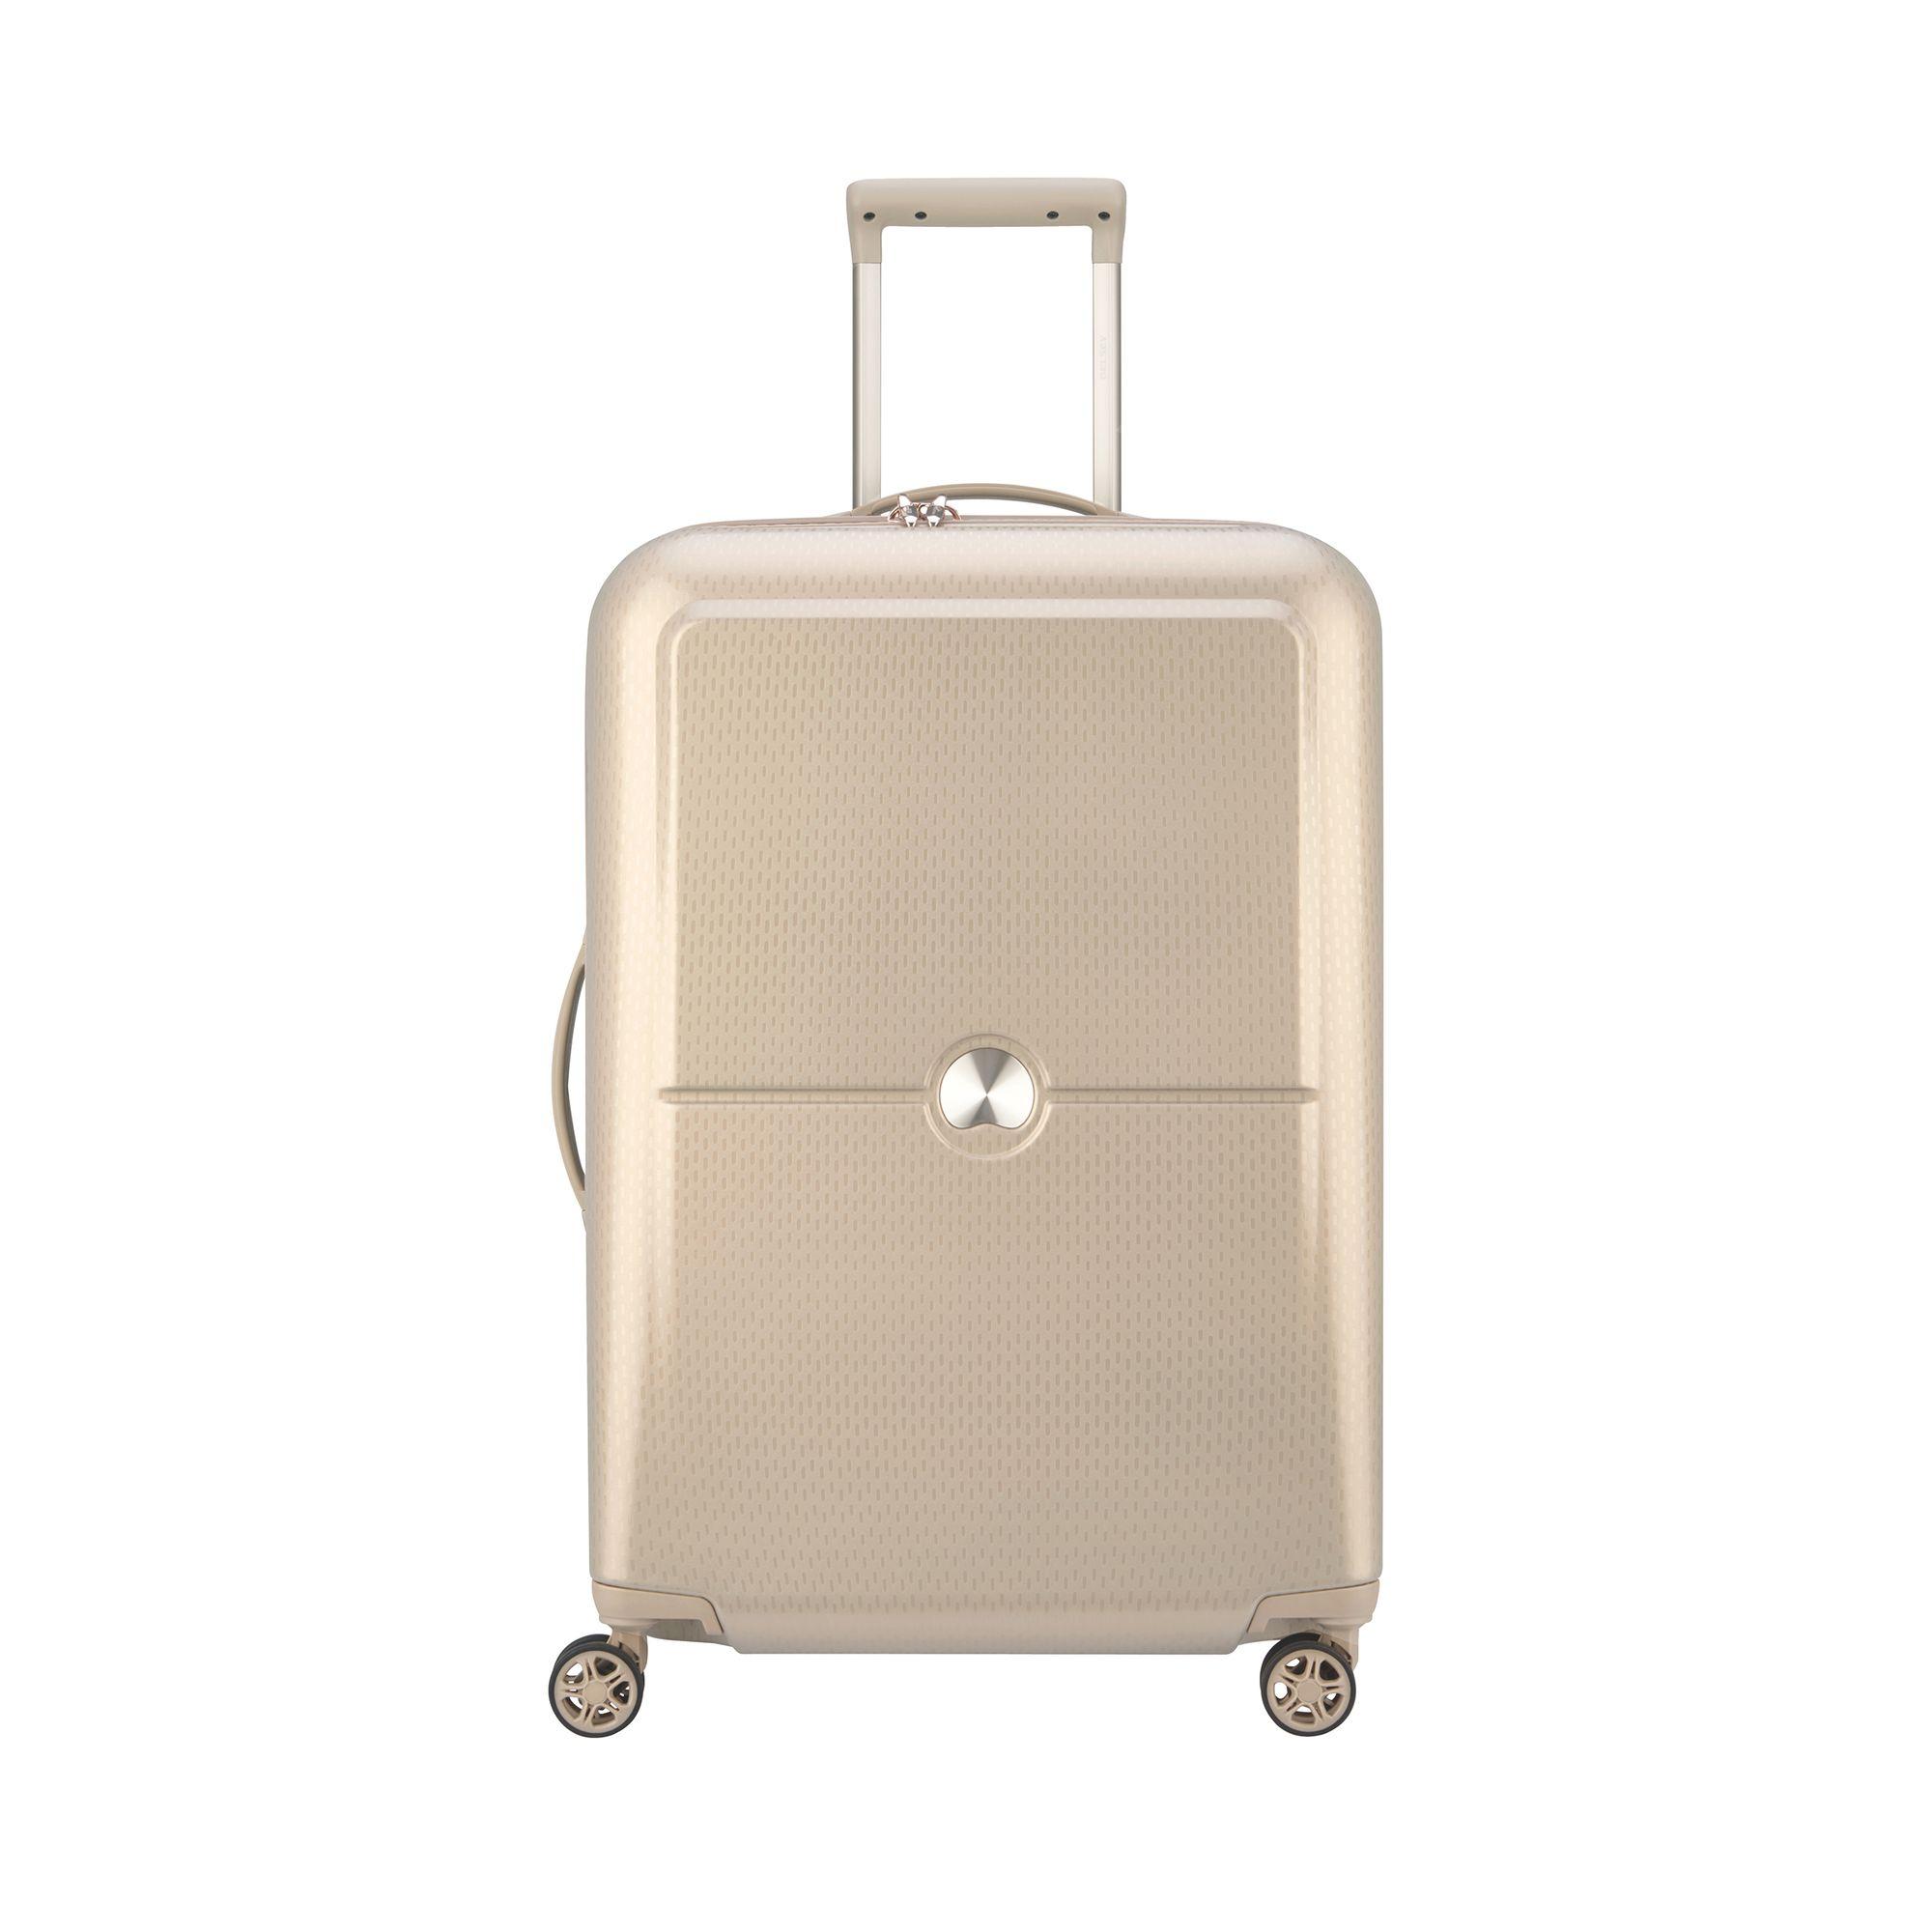 Delsey Turenne hård resväska, 4 hjul, 70 cm, Guld